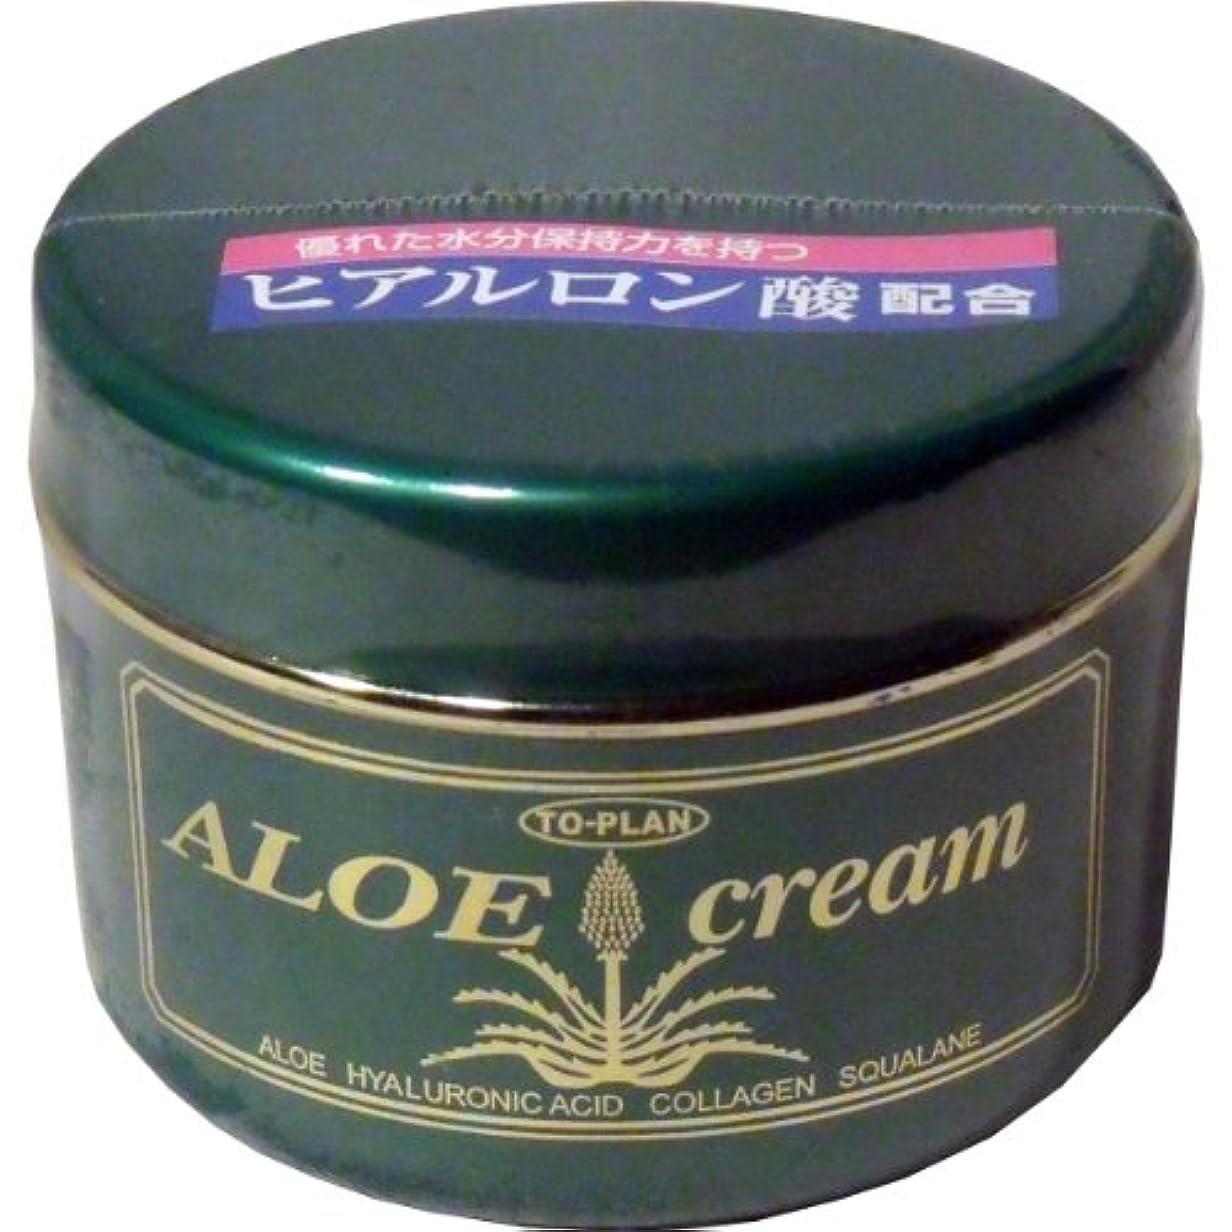 狂気メトリックもちろんトプラン ハーブフレッシュクリーム(アロエクリーム) ヒアルロン酸 170g ×6個セット